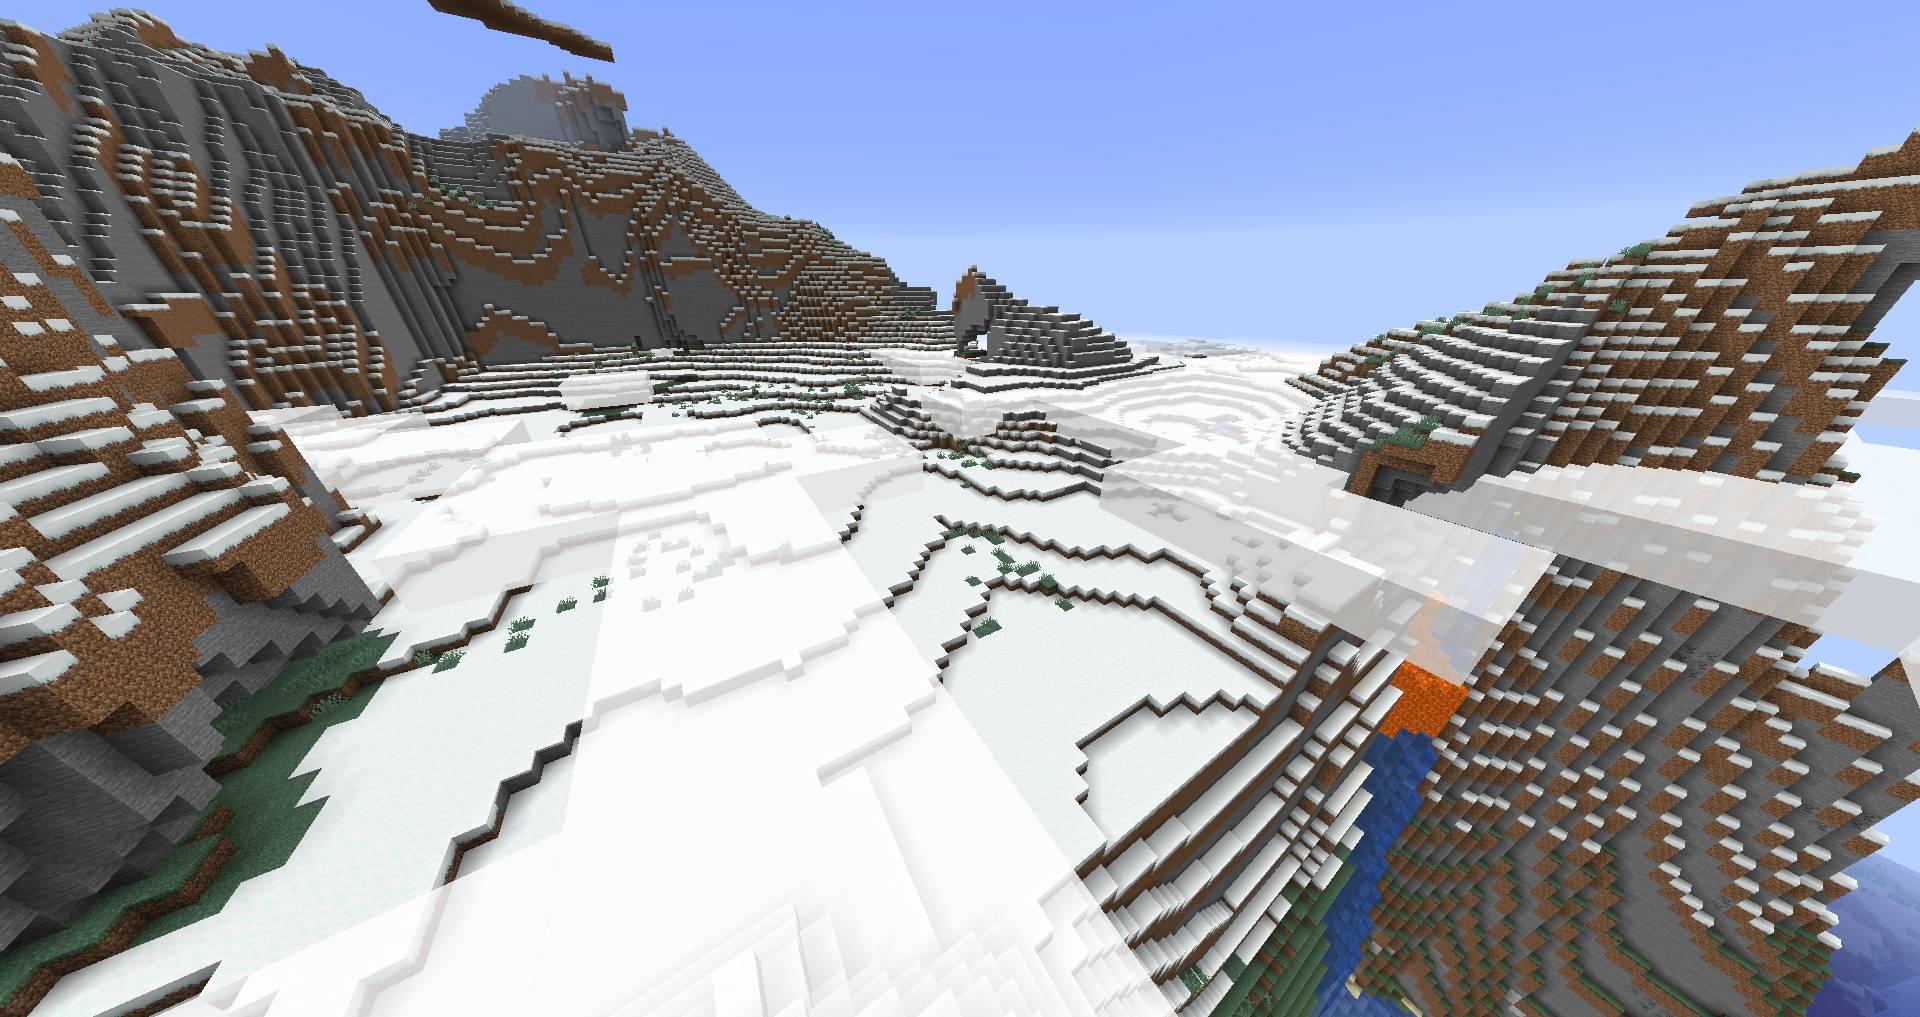 Voyage mod for minecraft 29